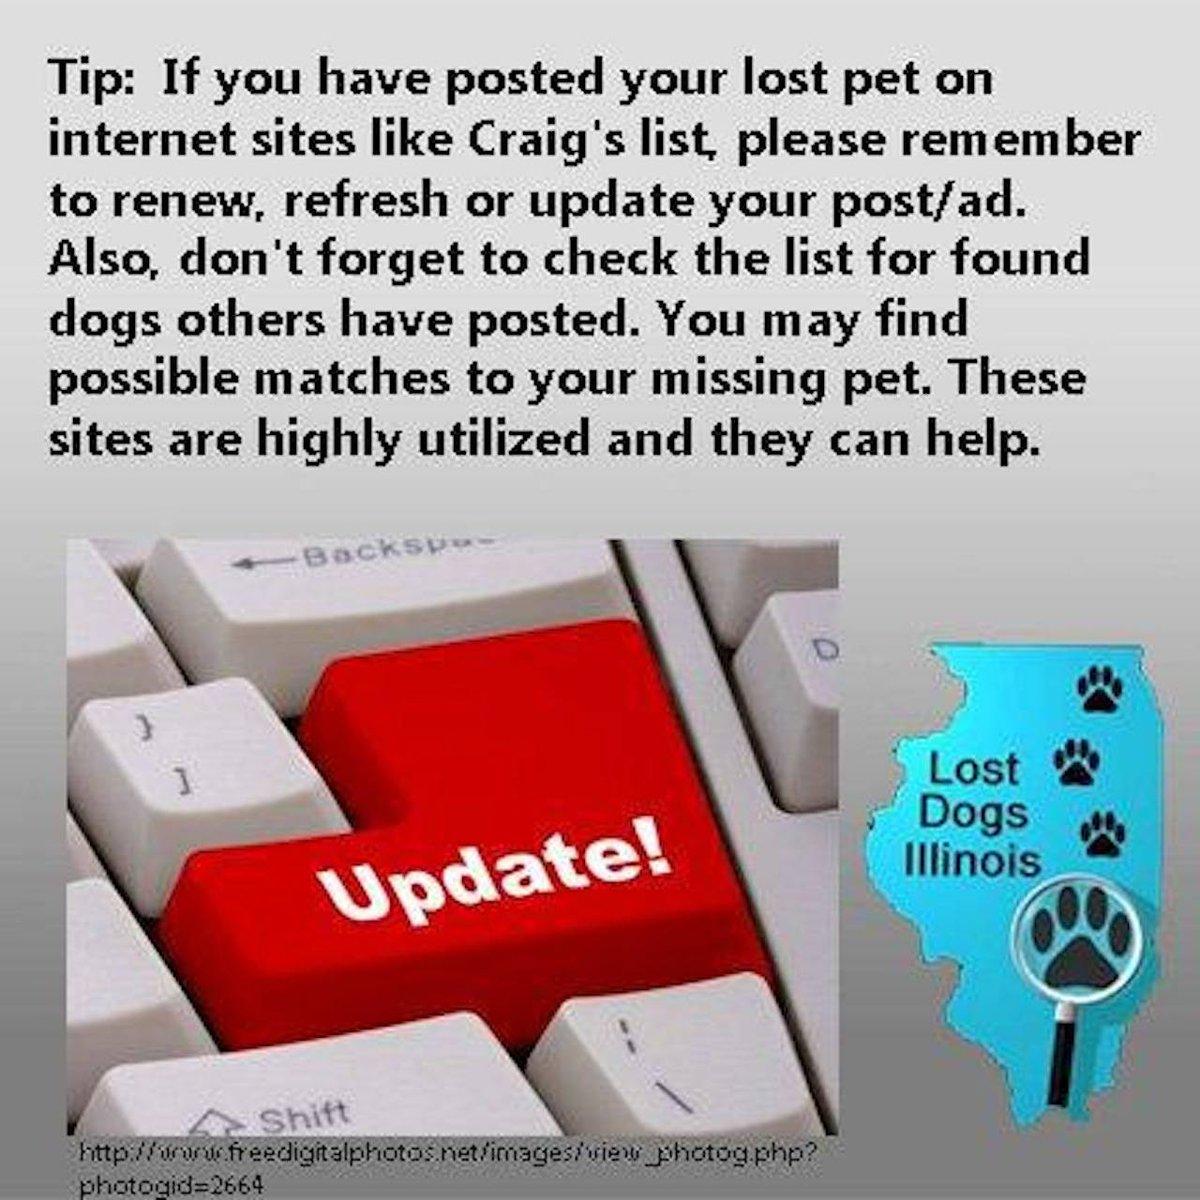 Lost Dogs Illinois on Twitter: